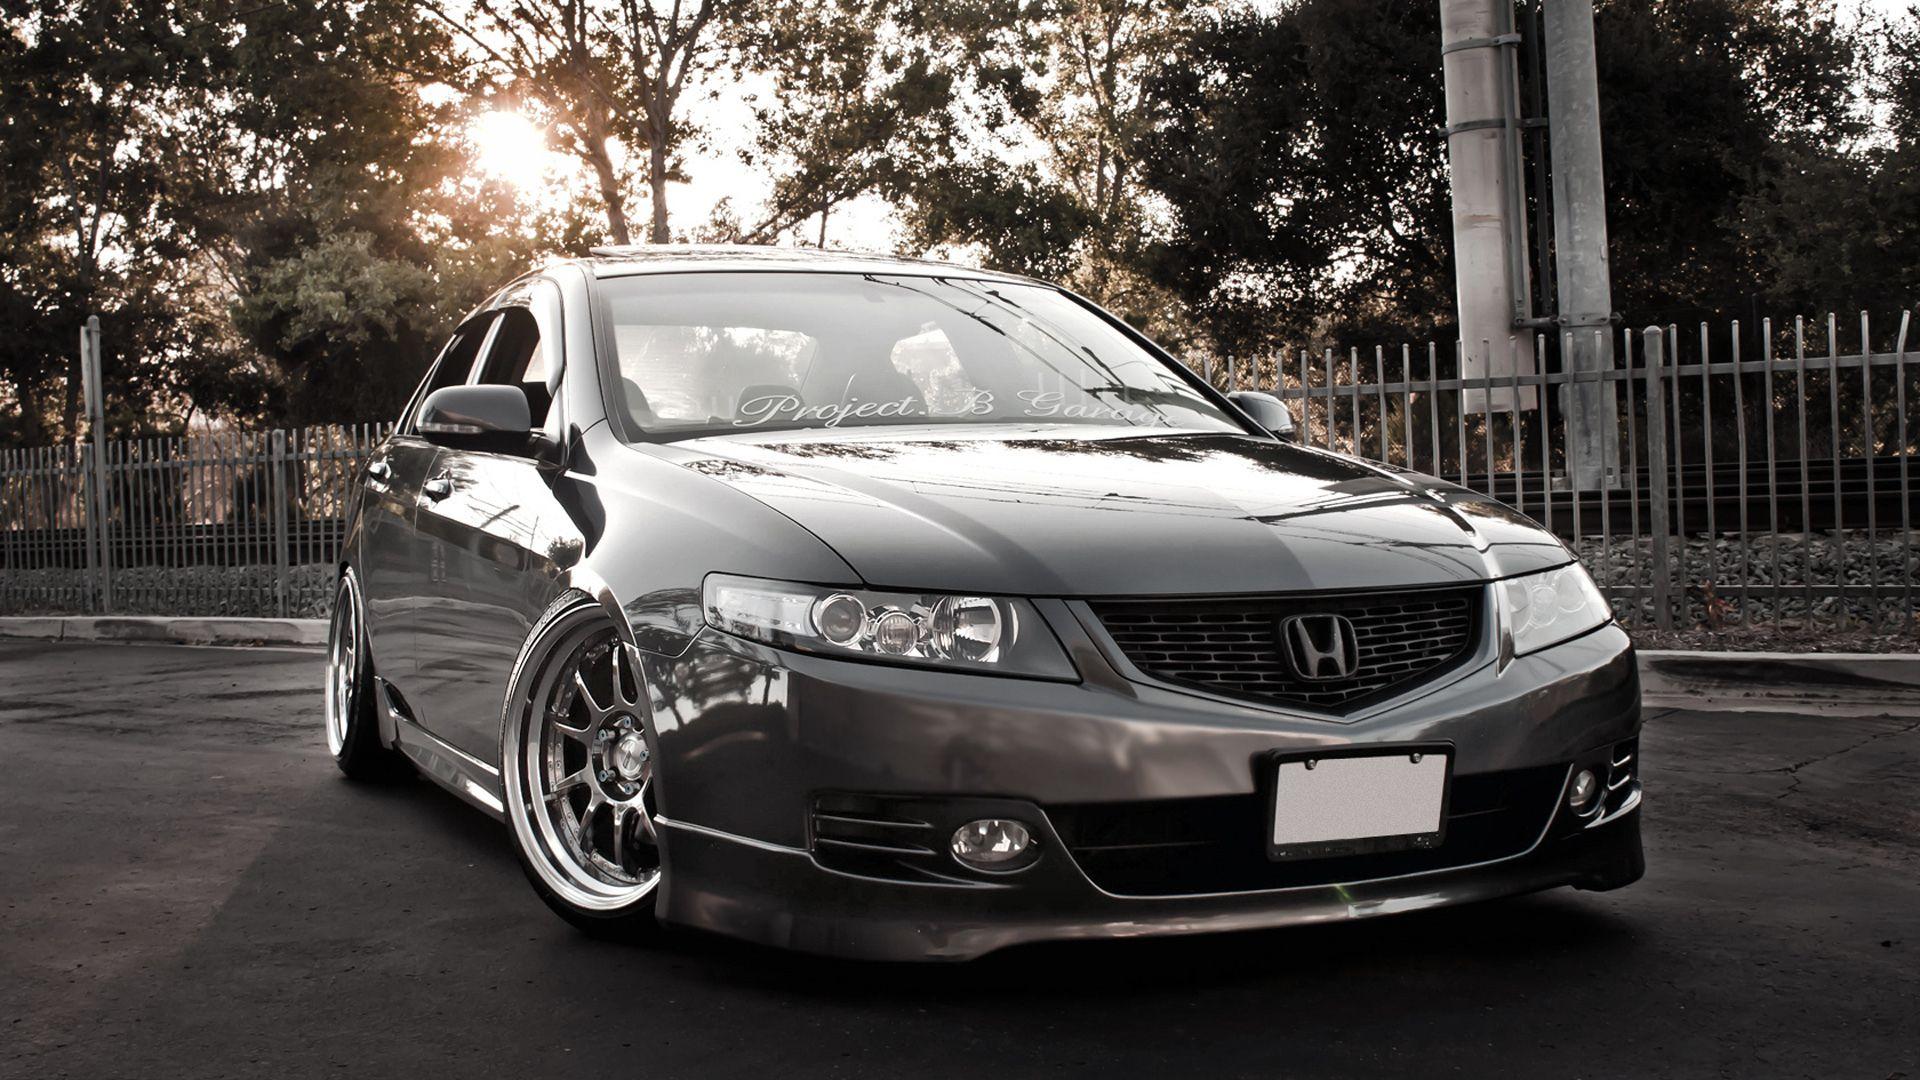 Honda Accord picture wallpaper